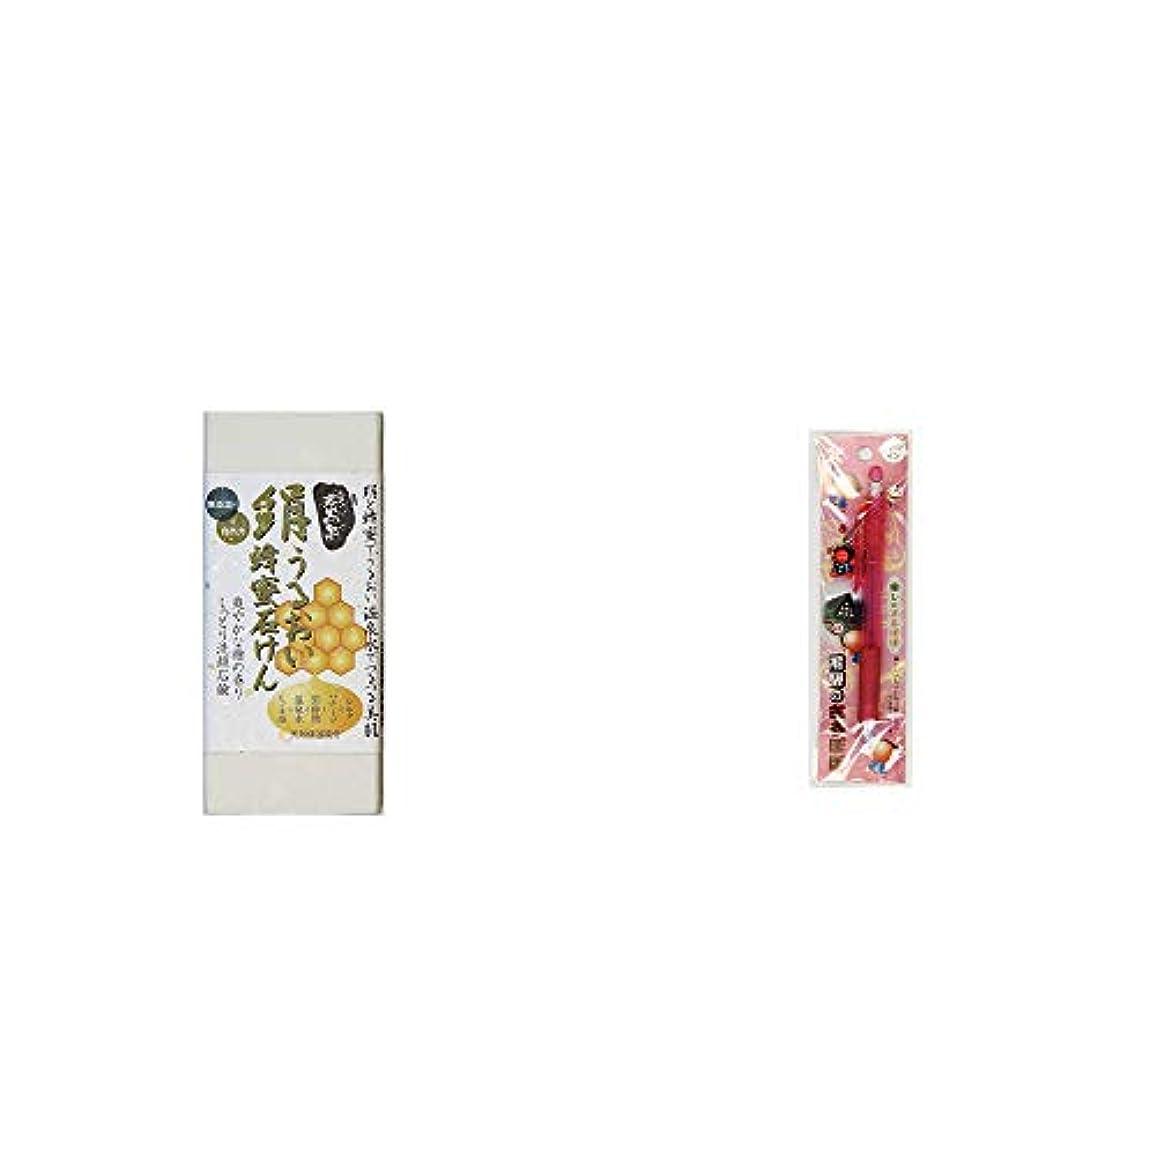 抜け目のないシャーク地下室[2点セット] ひのき炭黒泉 絹うるおい蜂蜜石けん(75g×2)?さるぼぼ 癒しシャープペン 【ピンク】